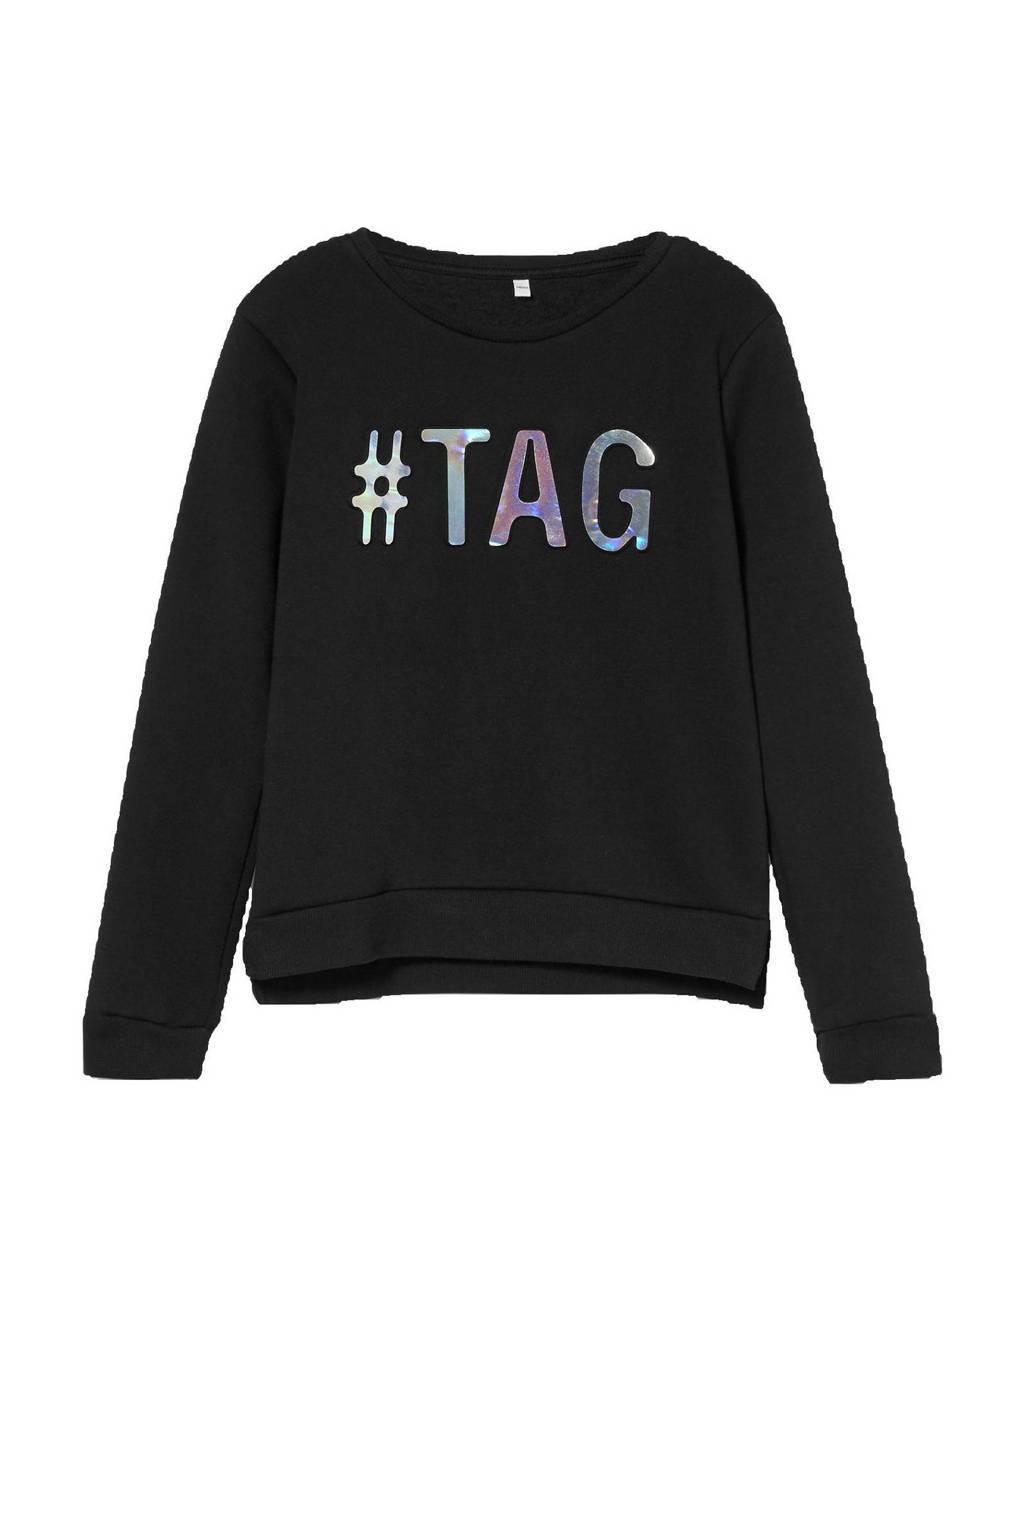 C&A Here & There sweater met tekst zwart/zilver, Zwart/zilver